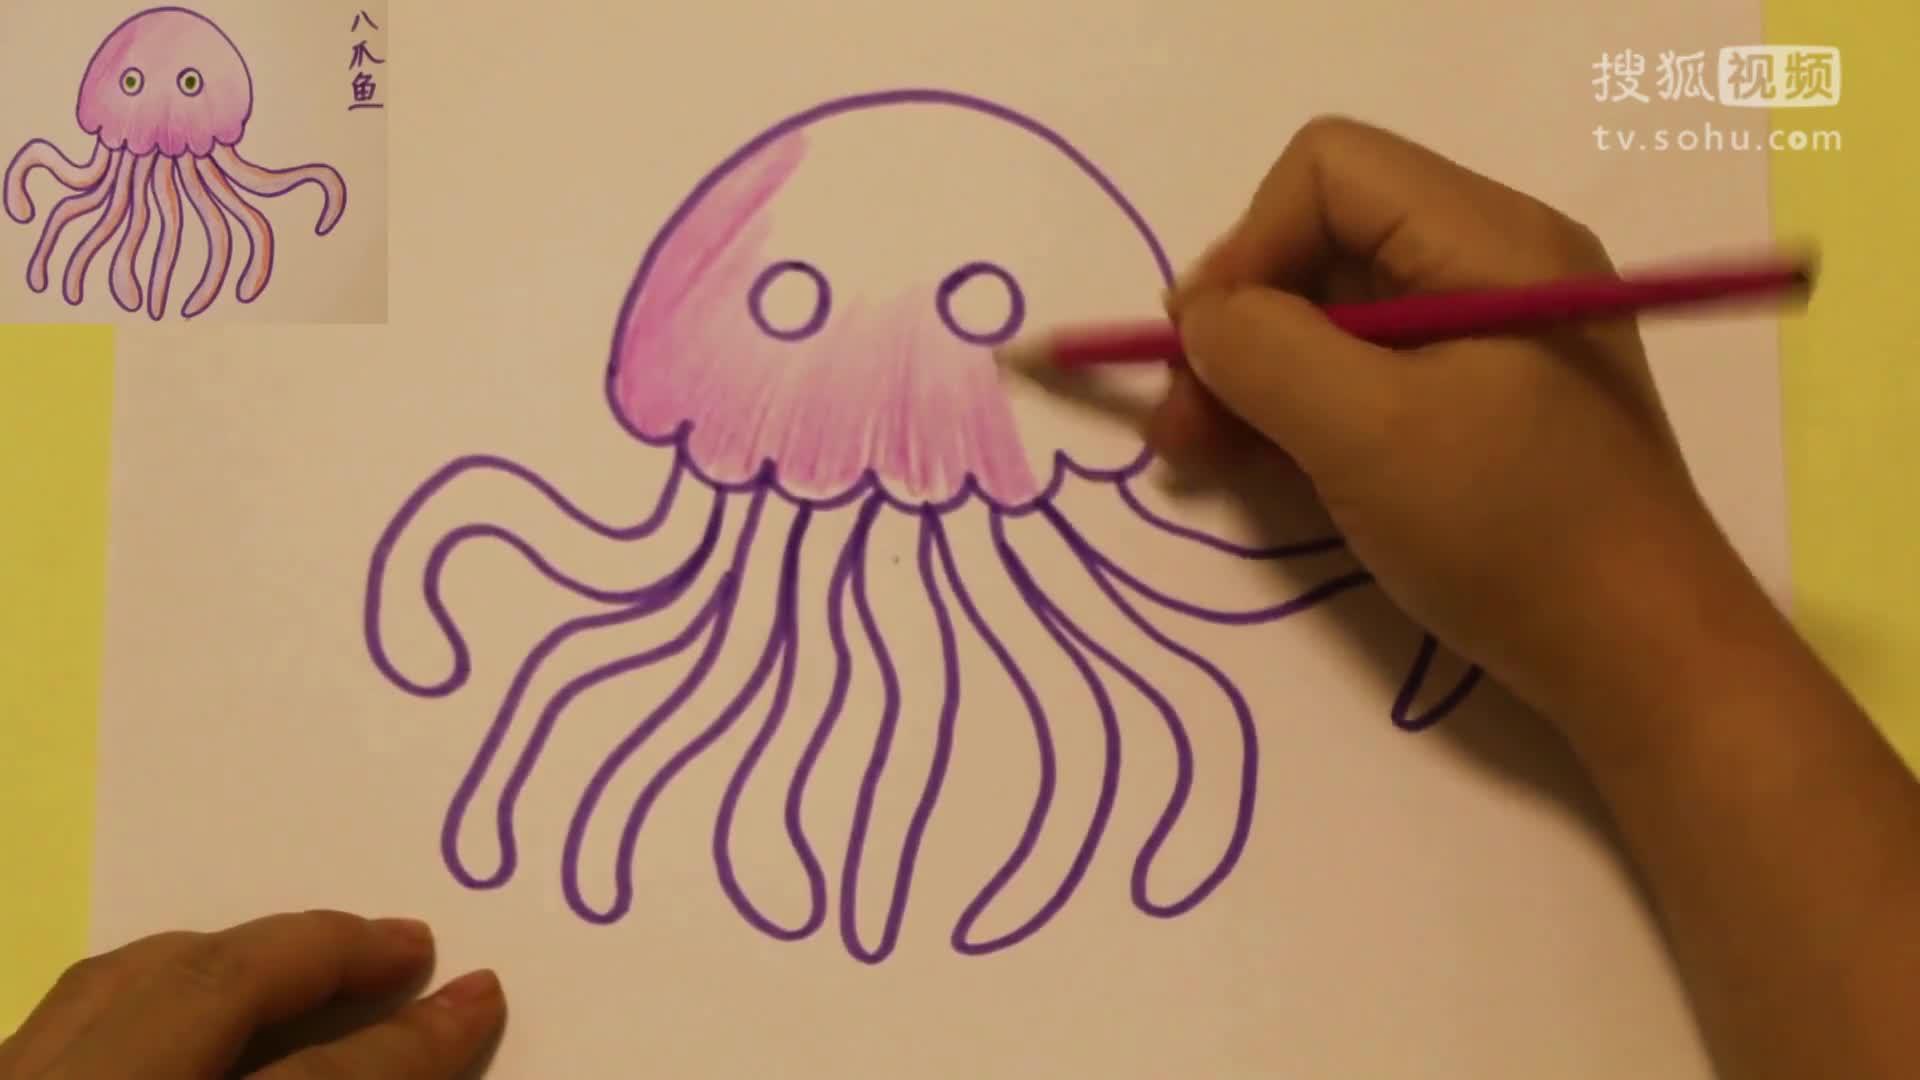 画八爪鱼简笔画 亲子教育学画画 幼儿学画画教程 儿童学画画教学 .